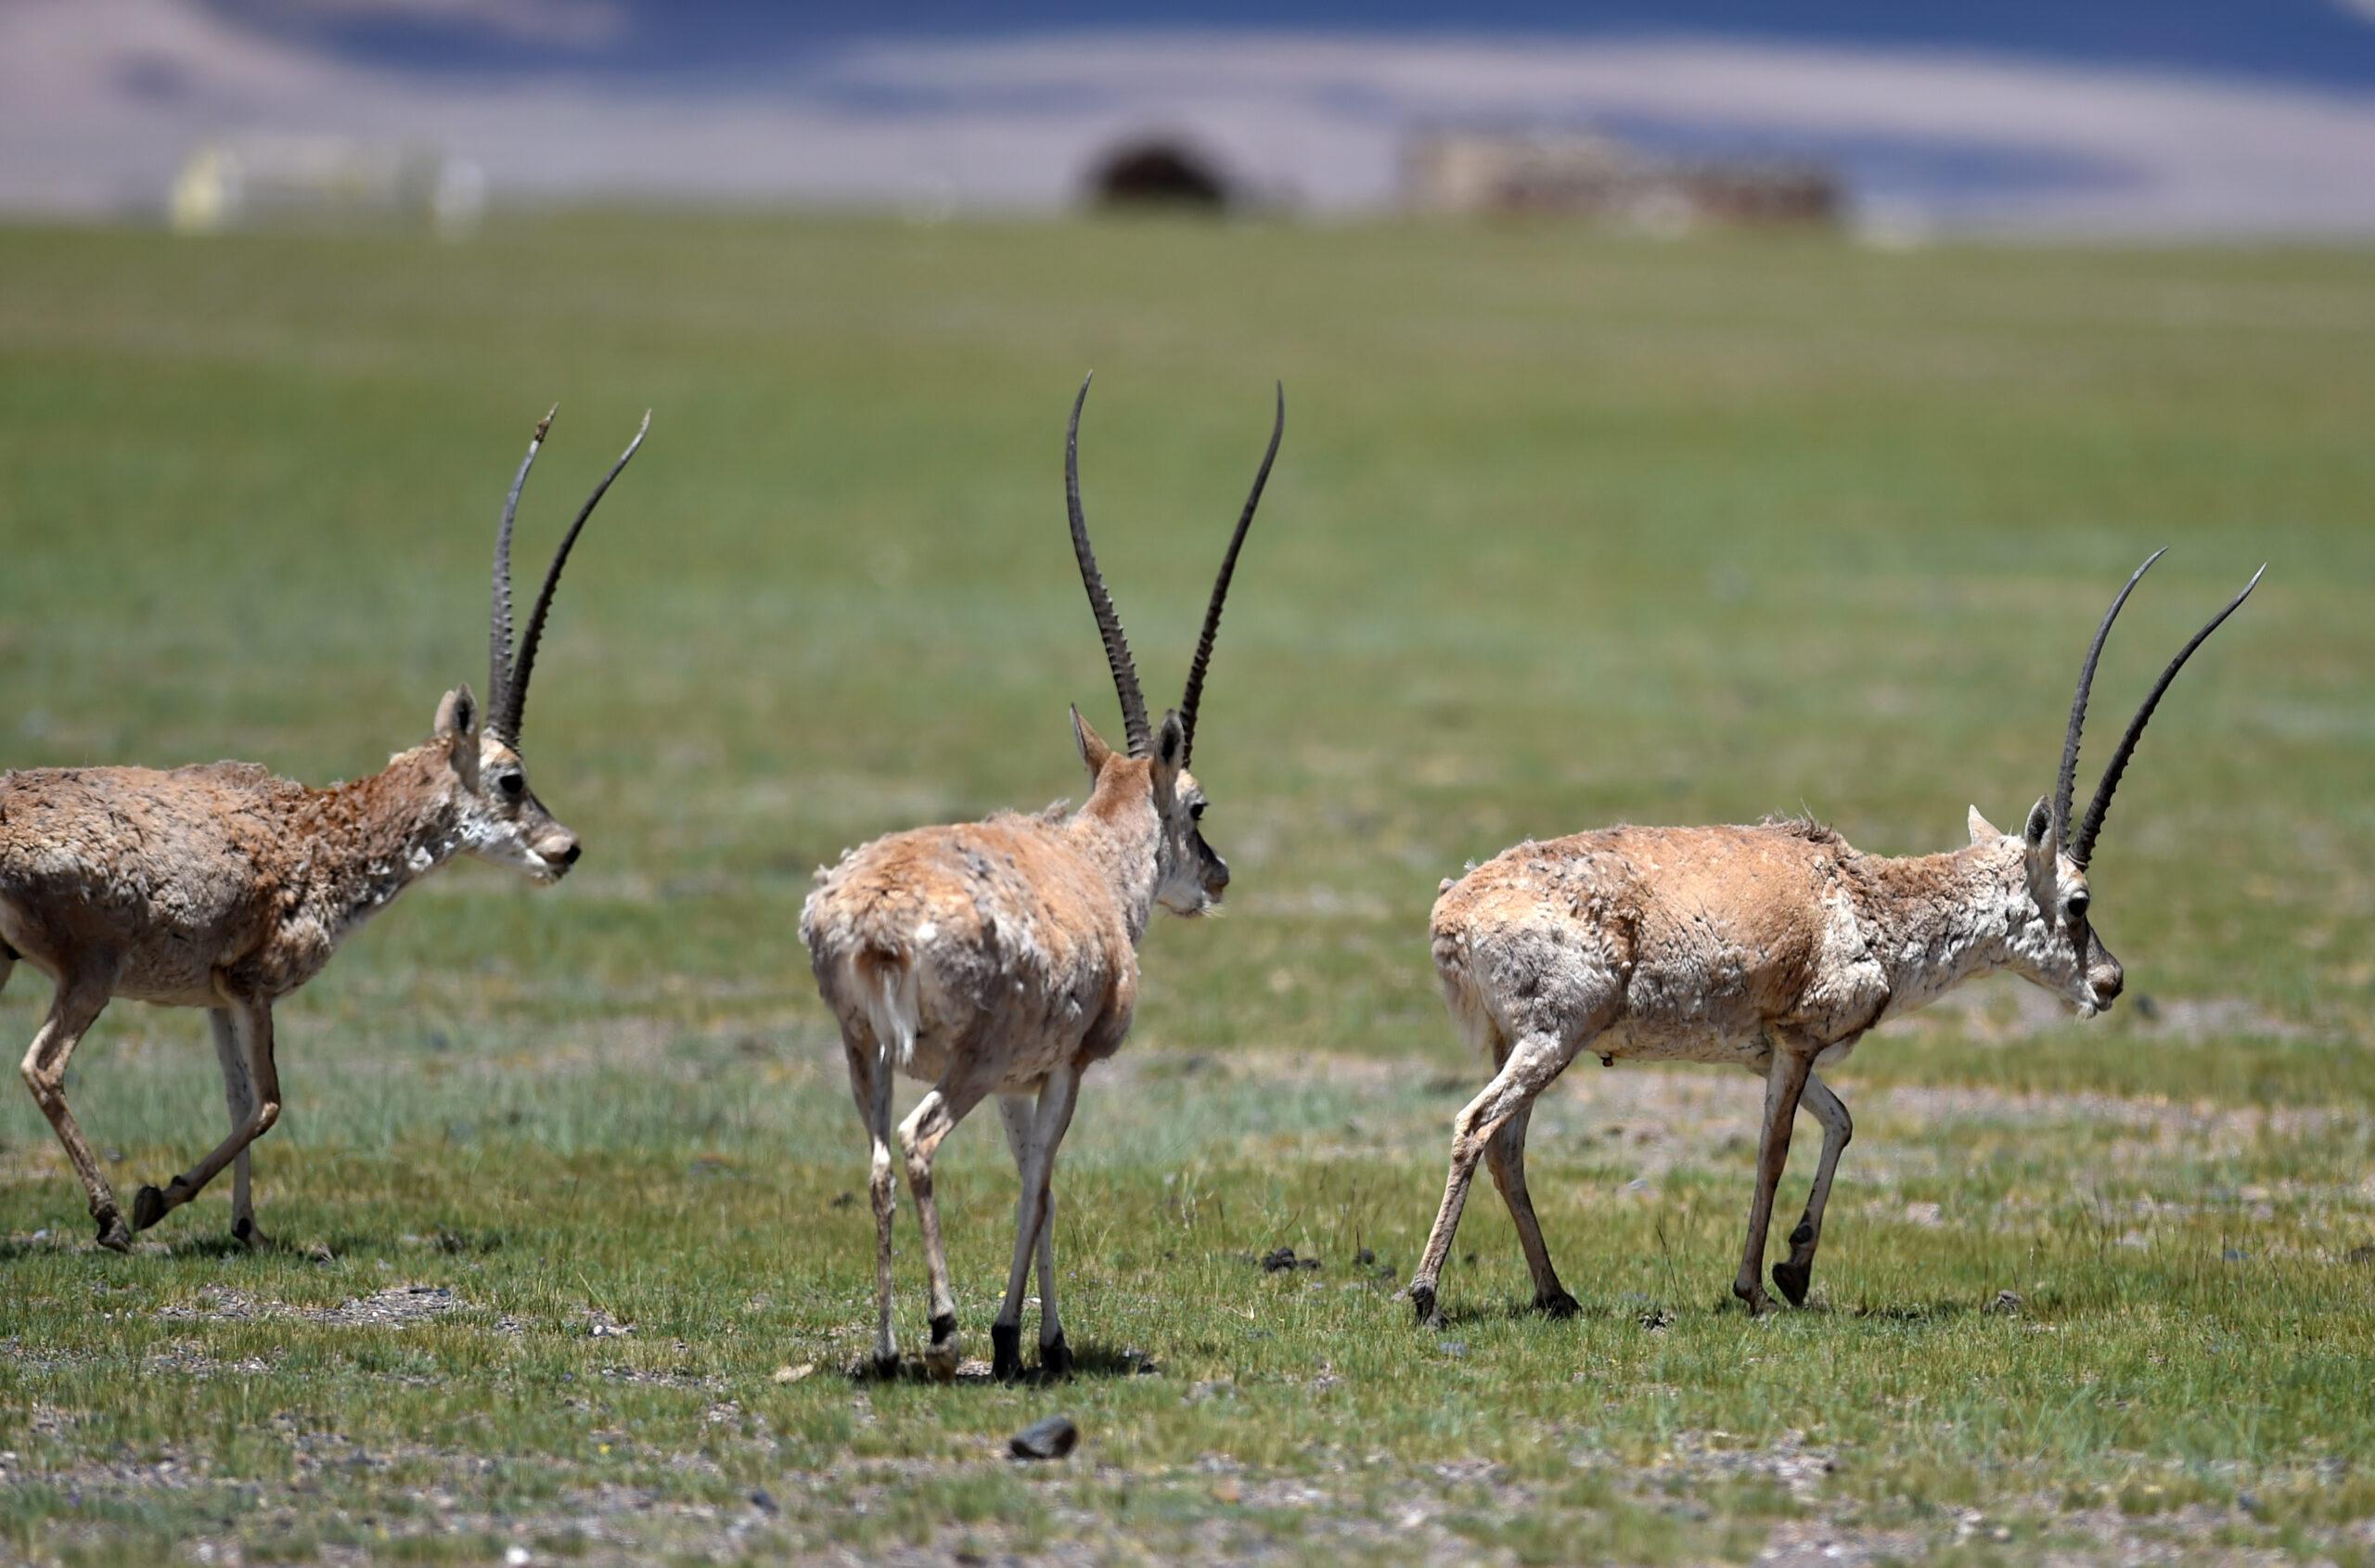 ประชากร 'สัตว์คุ้มครอง' ในทิเบต เพิ่มขึ้นต่อเนื่อง